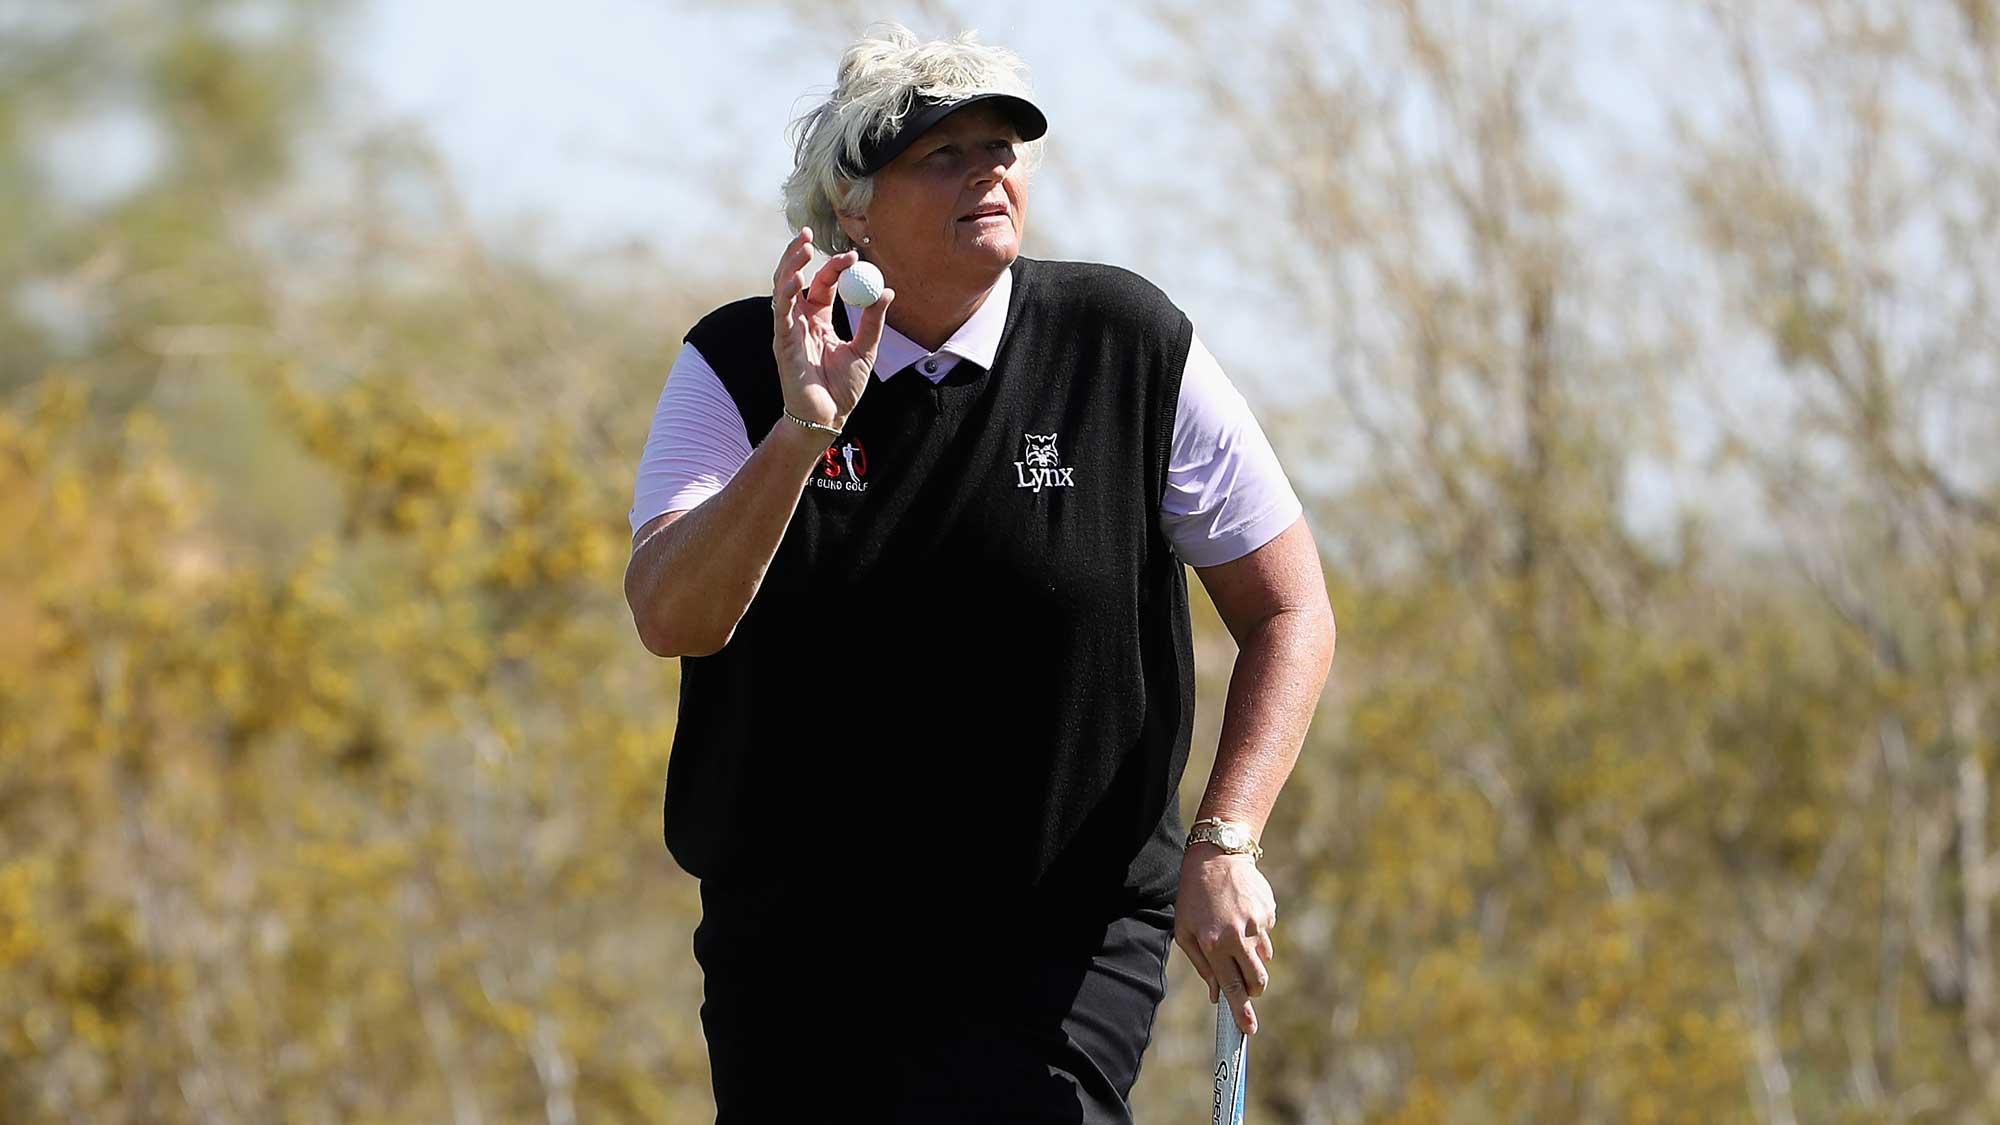 2018 Laura Davies Cards a 63 on Saturday | LPGA | Ladies ...